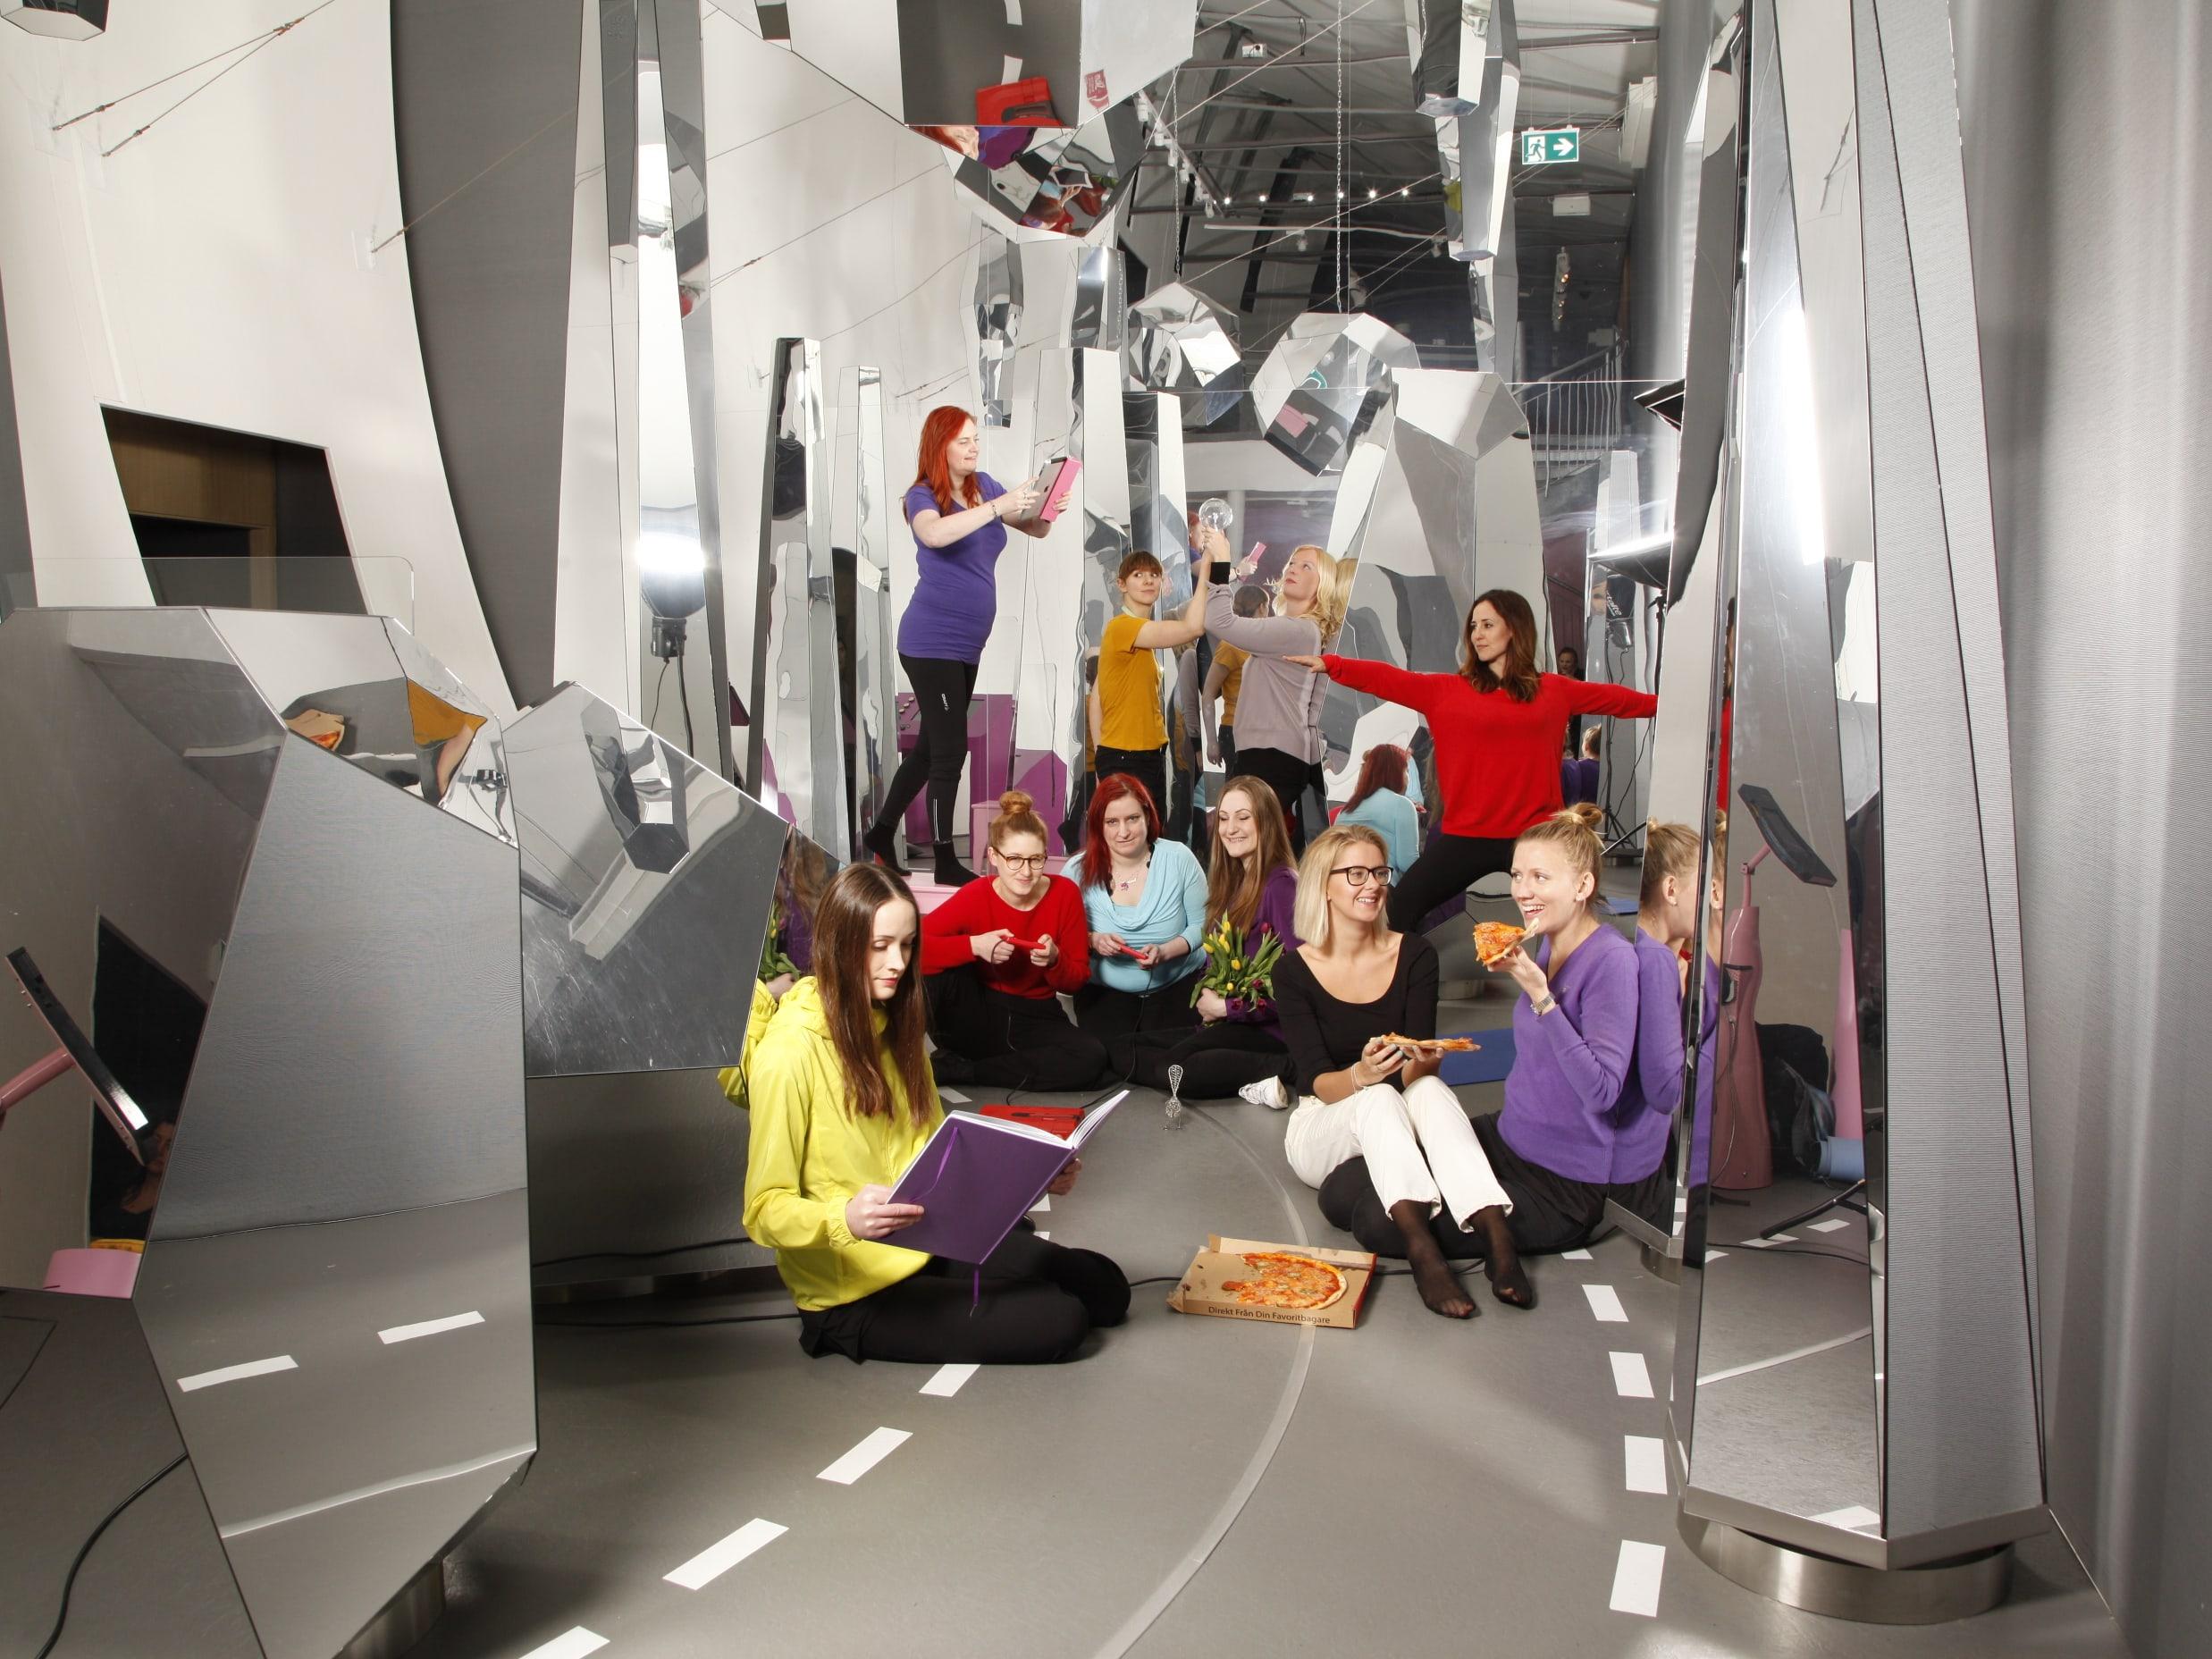 geek girl meetup stockholm Första geek girl meetup hölls i stockholm 2008 geek girl meetup öresund har haft regelbundna träffar sedan 2010 syftet är att skapa nya nätverk och lyfta.